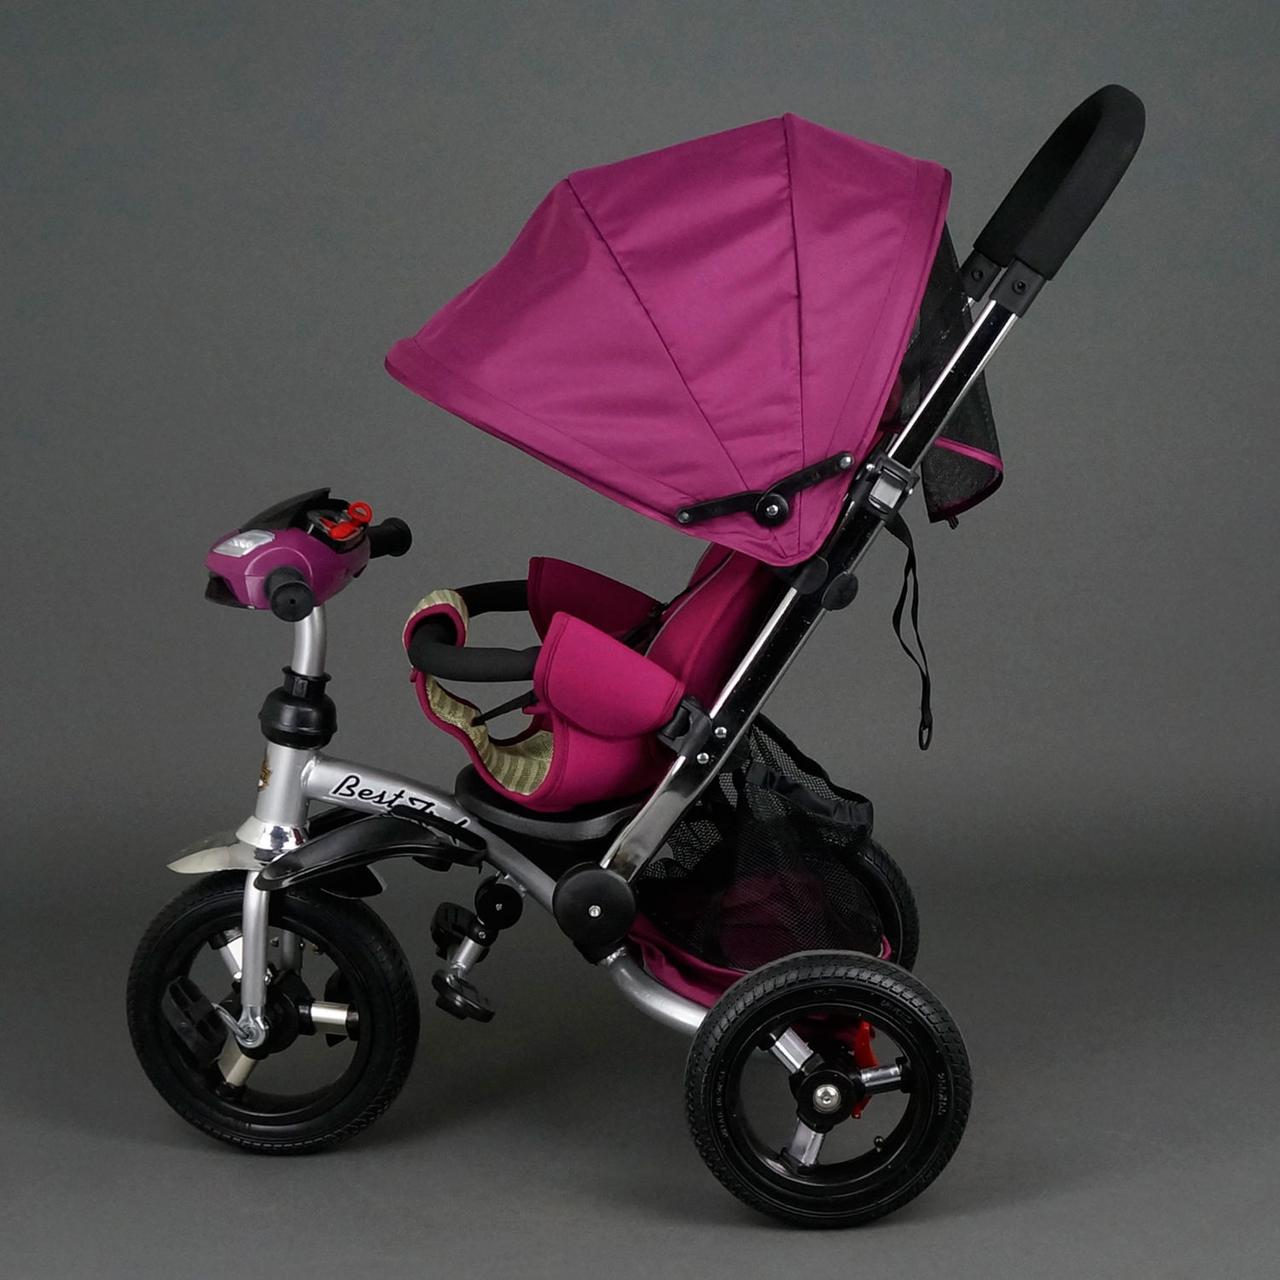 Детский трехколесный велосипед Best Trike 698 Фиолетовый, надувные колеса